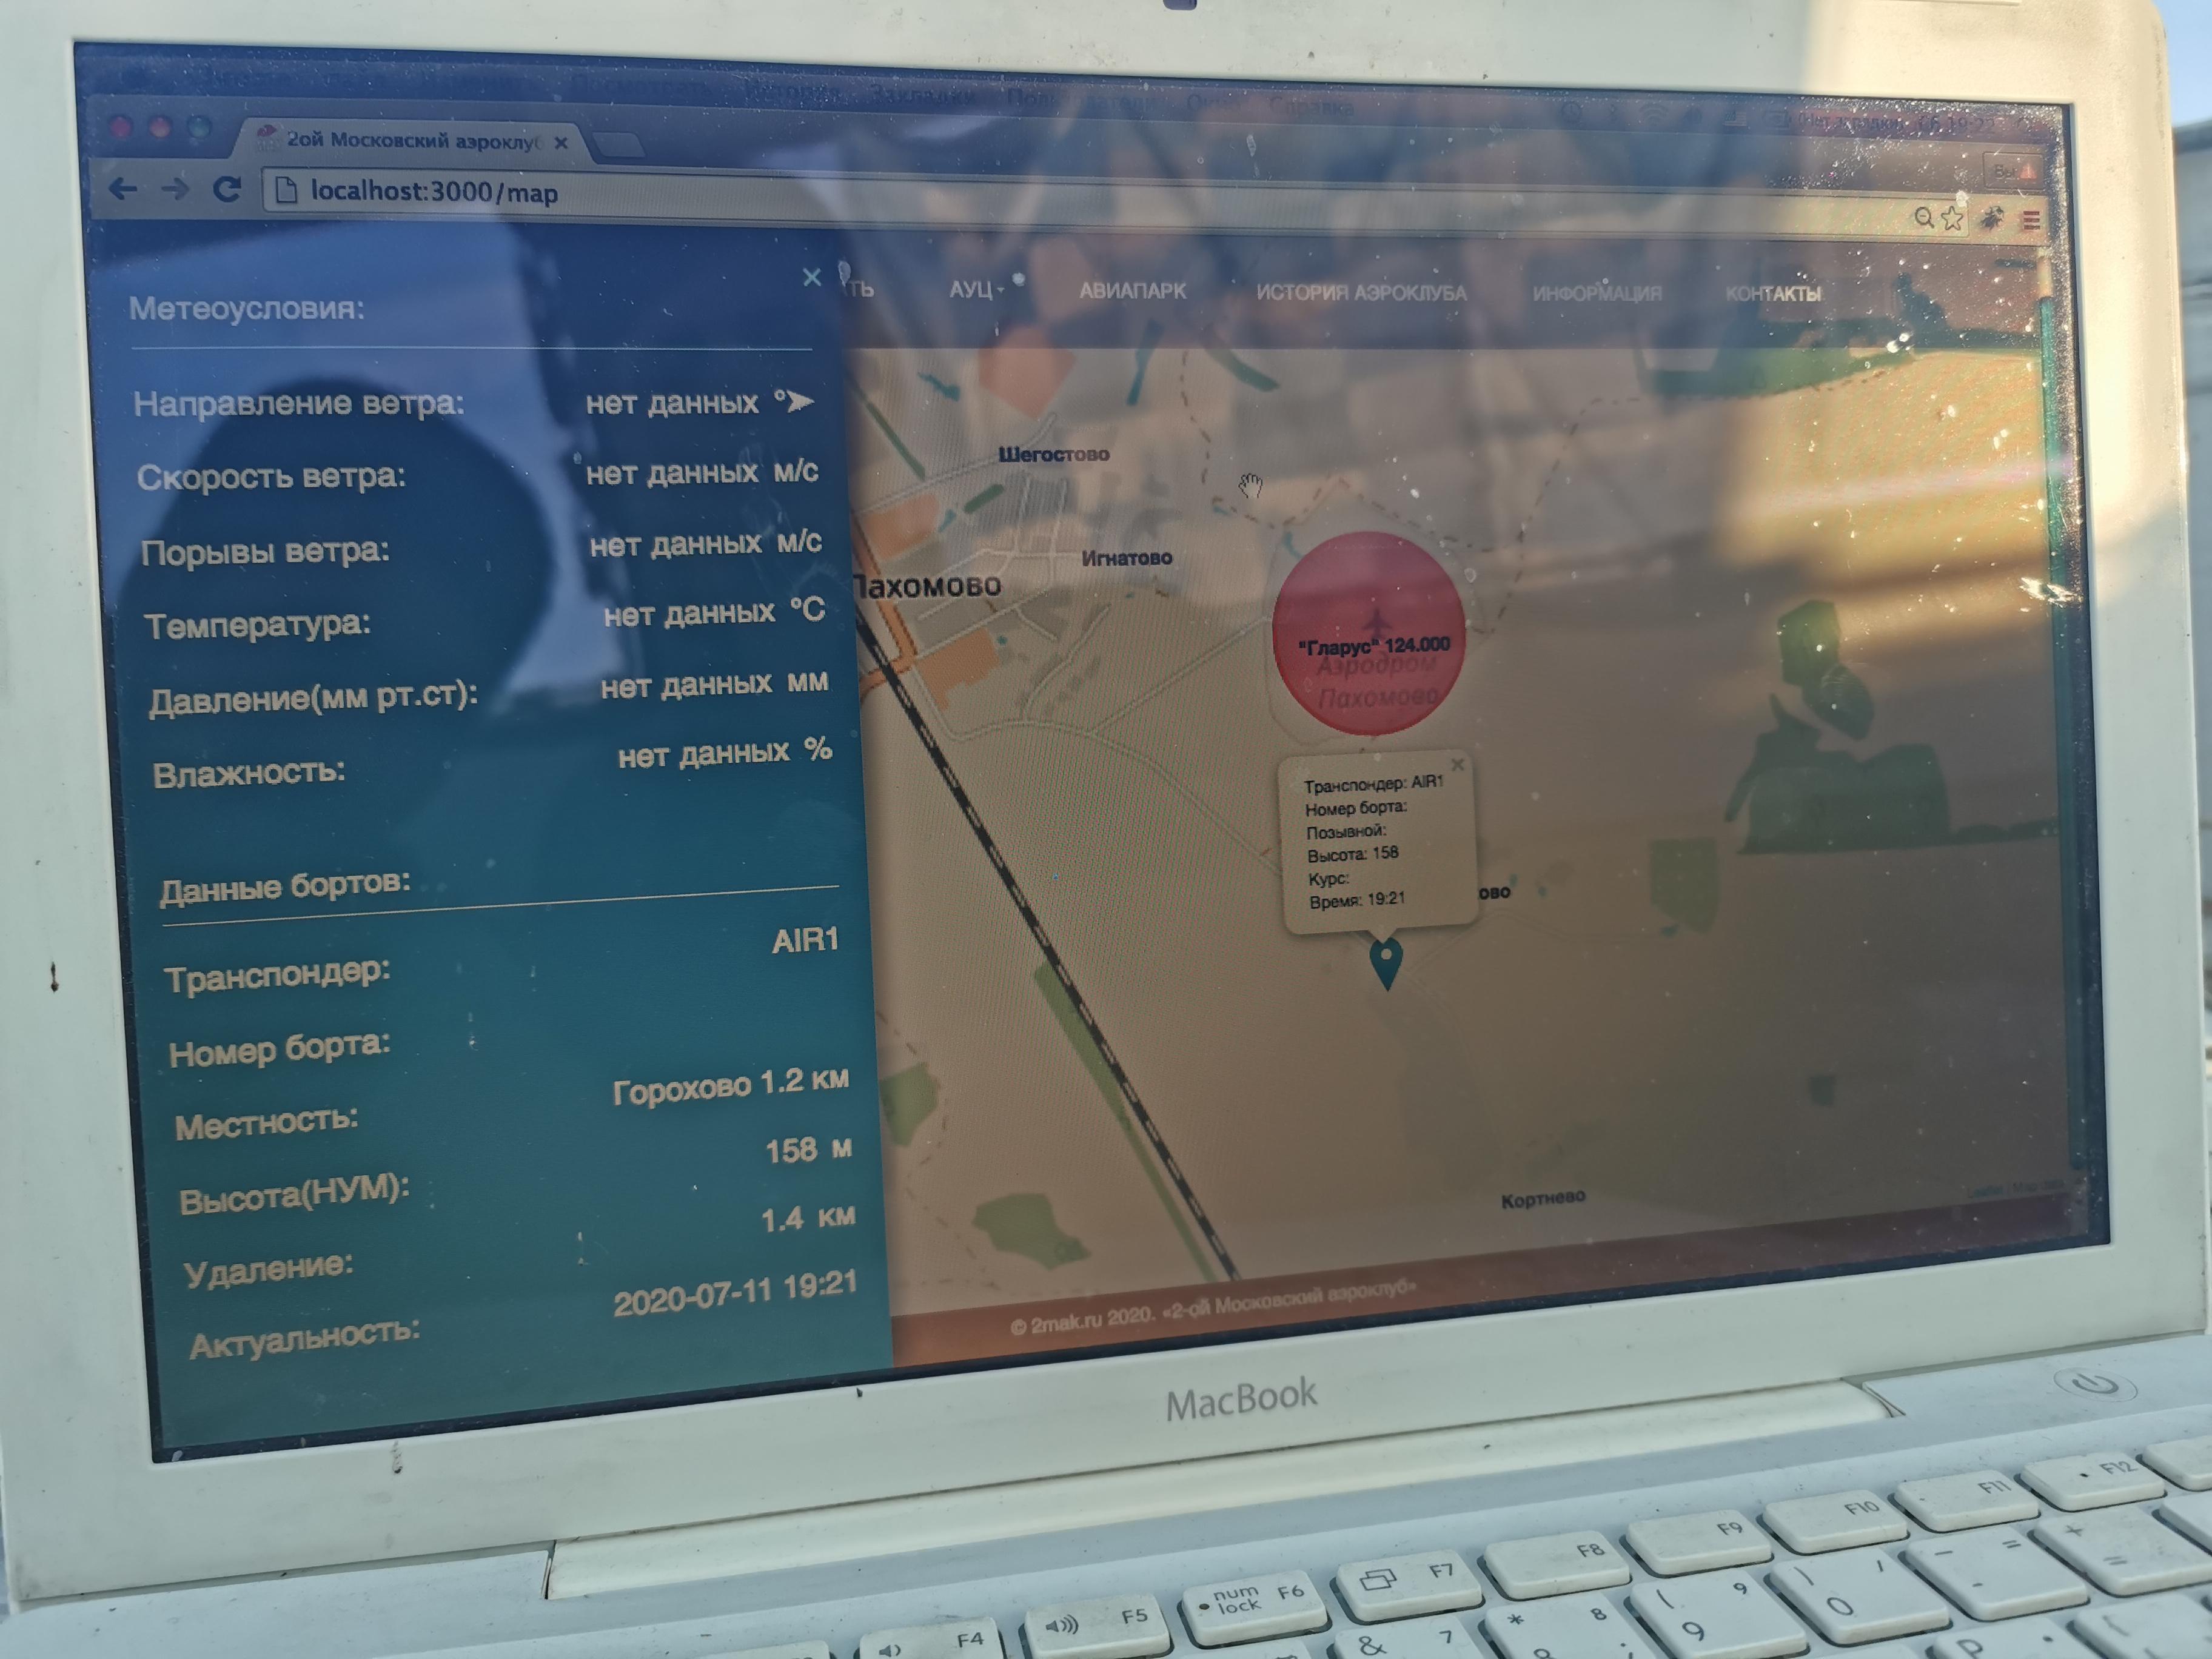 WEB интерфейс базовой станции. Отображение на карте и вывод параметров полёта.